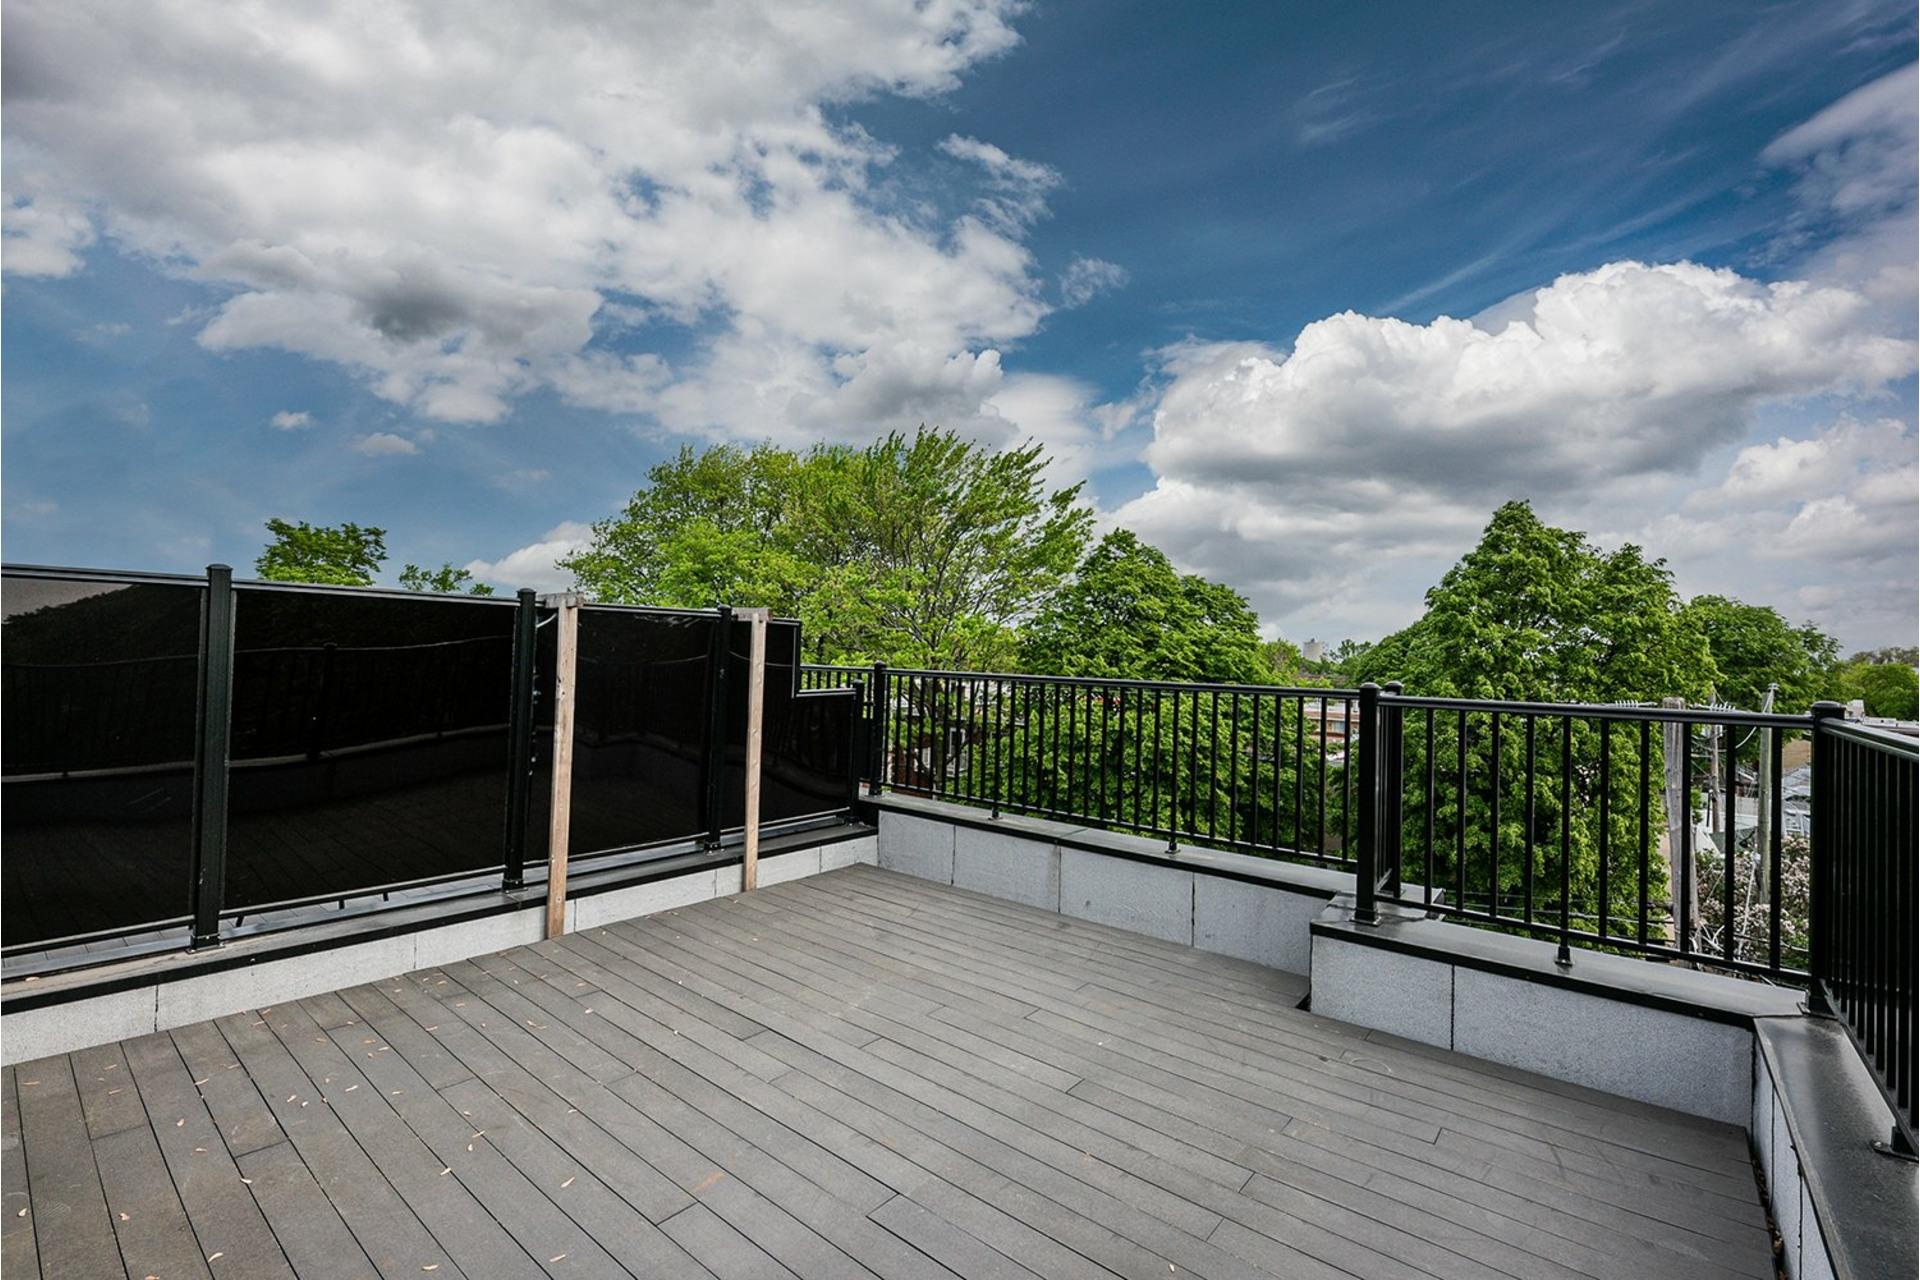 image 25 - Triplex For sale Mercier/Hochelaga-Maisonneuve Montréal  - 4 rooms